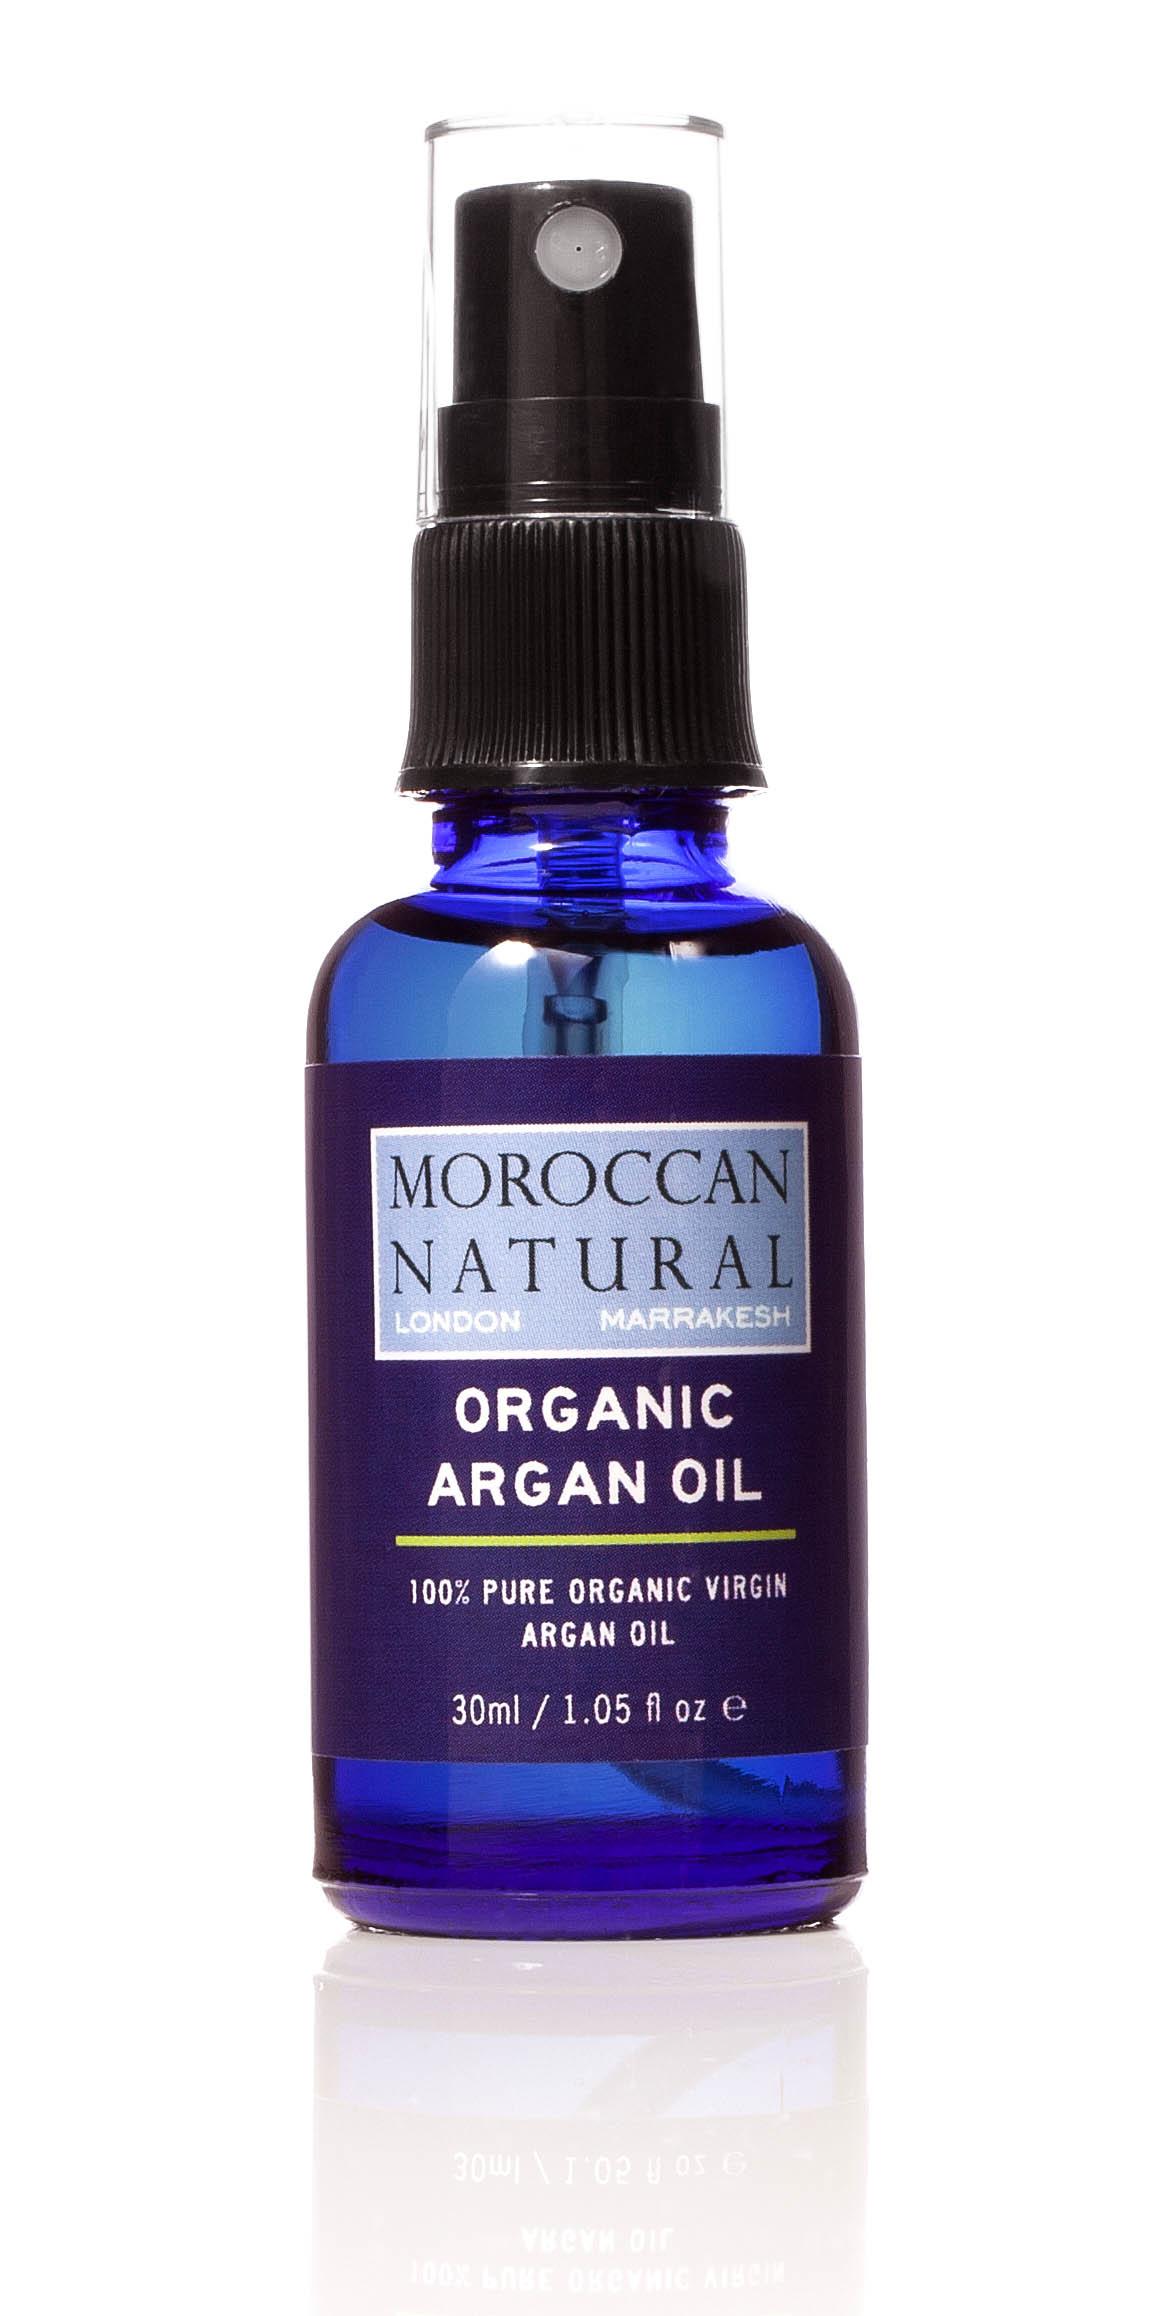 Moroccan-Natural-Argan-Oil-30ml